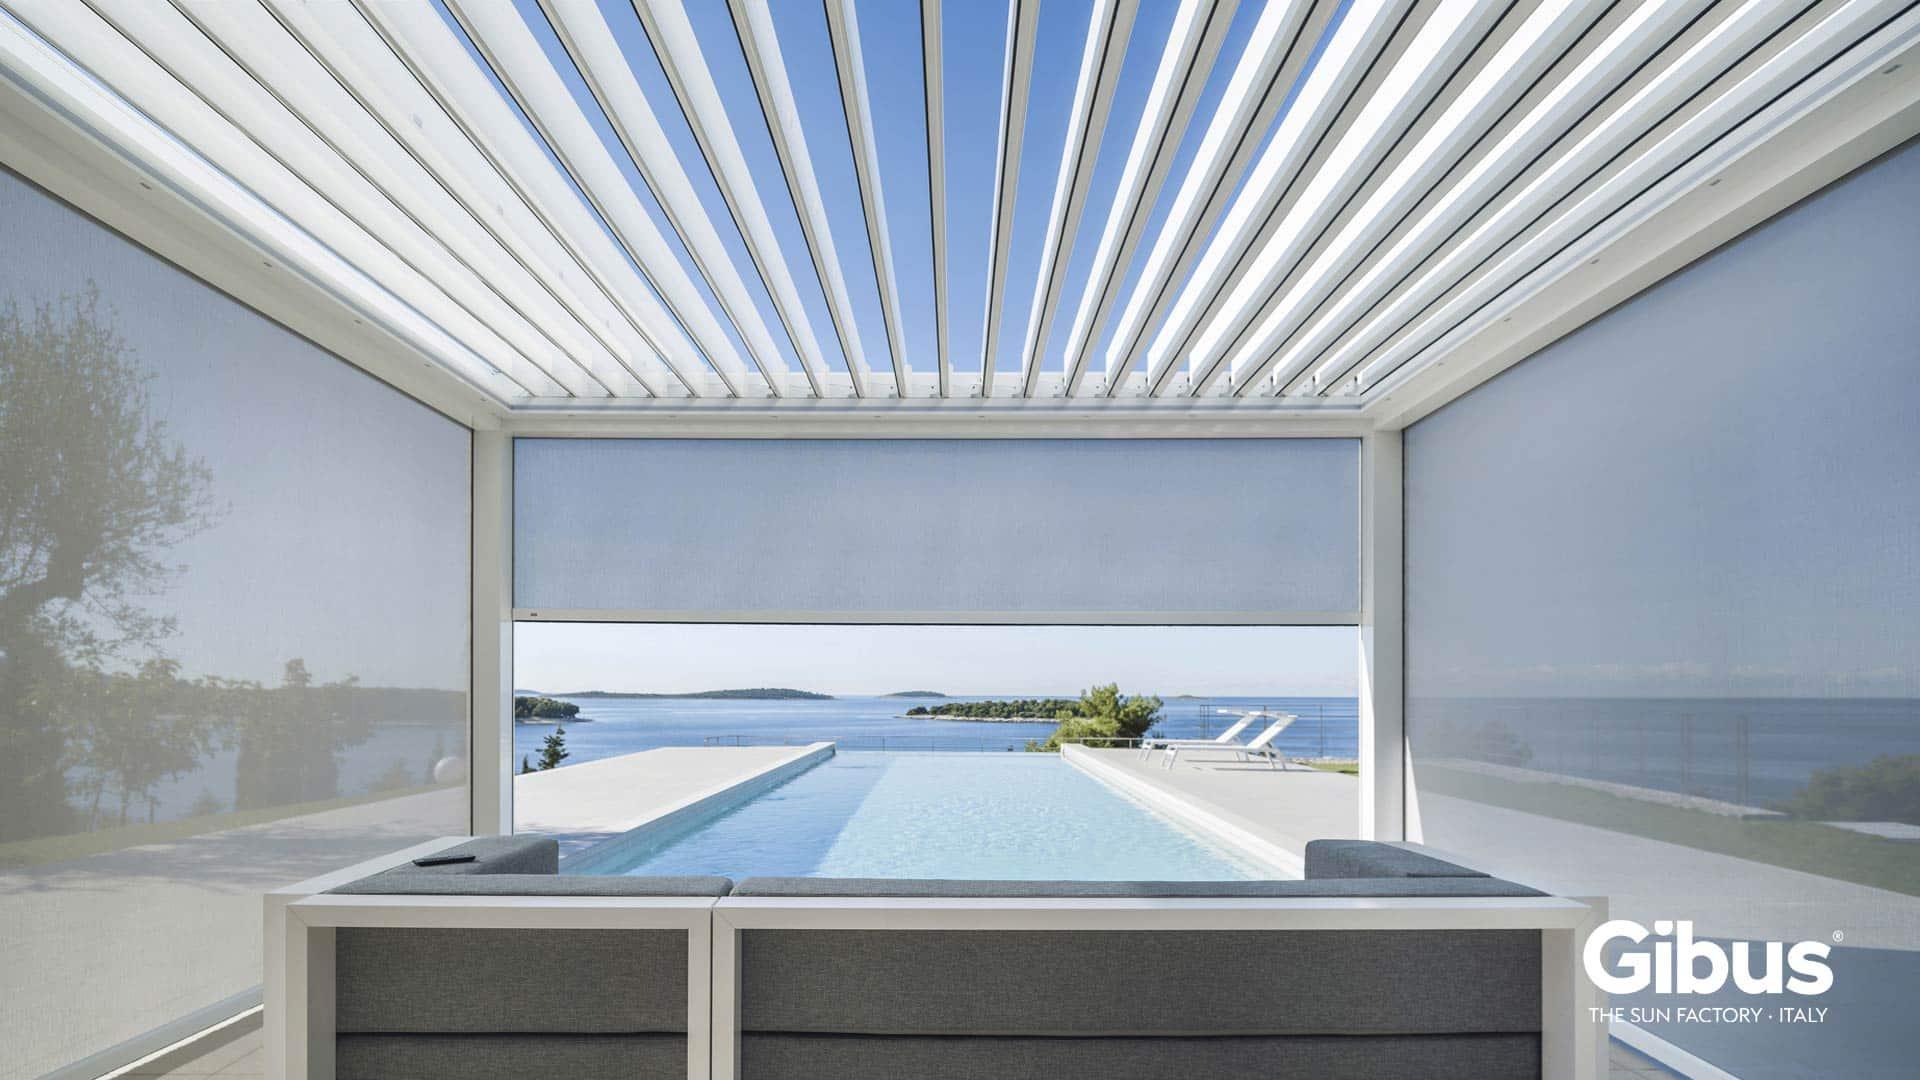 Pergole in alluminio bioclimatiche copertura retraibile padova